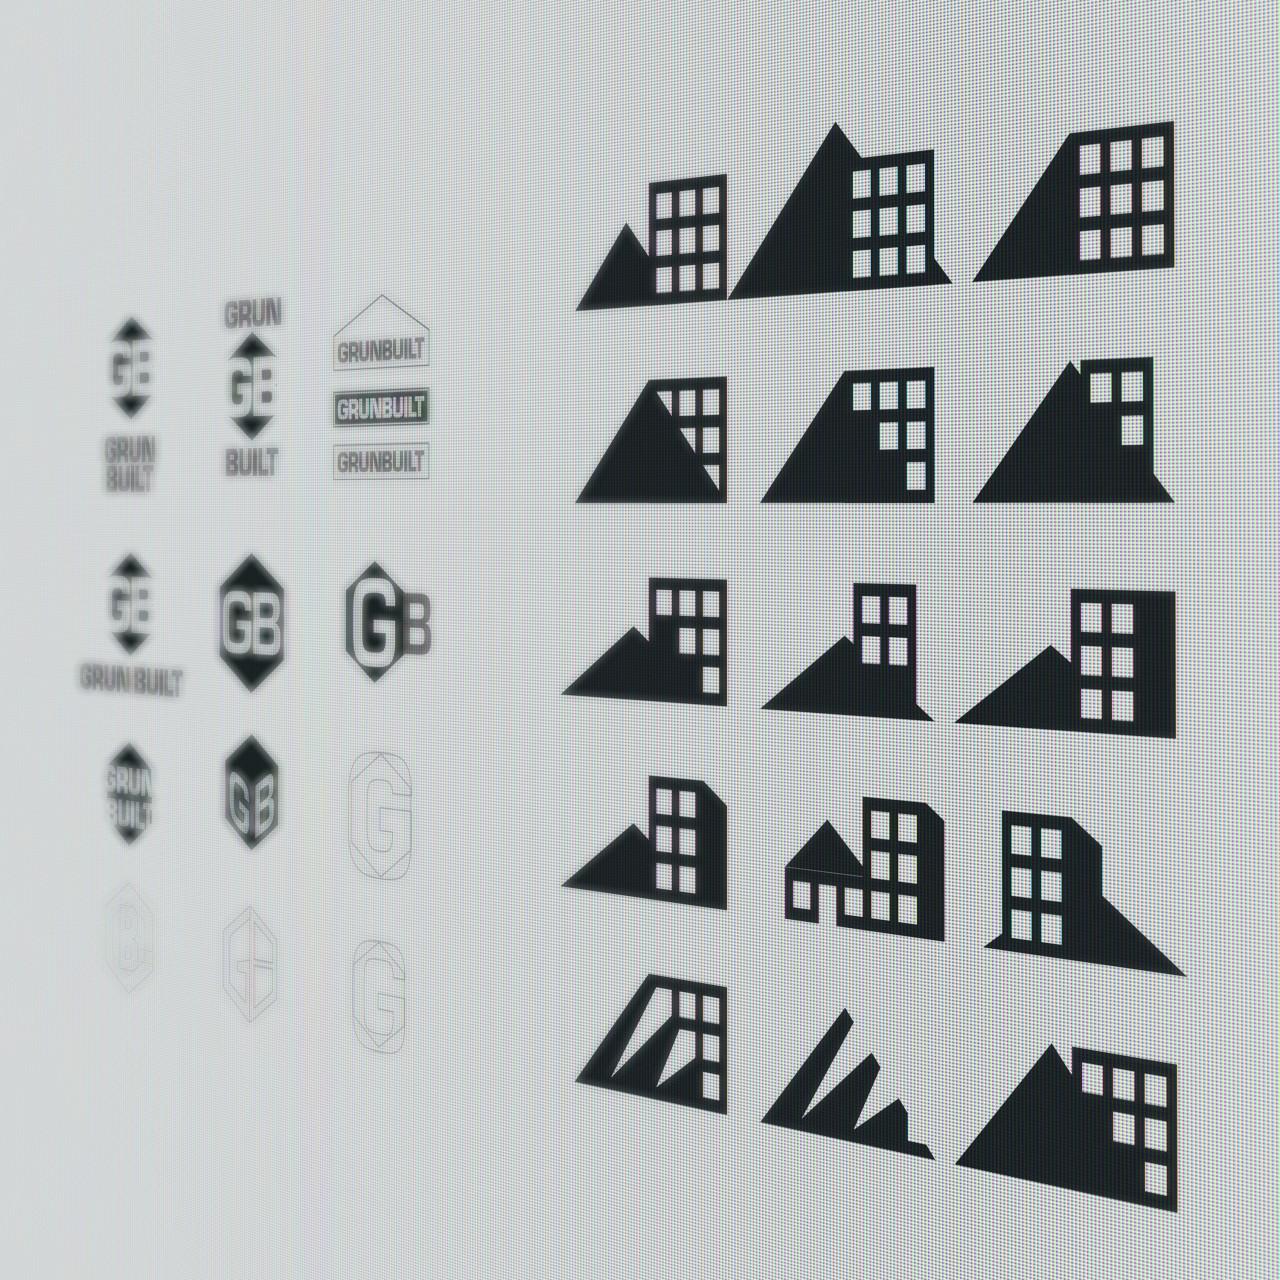 Image of Grun Built logo design process